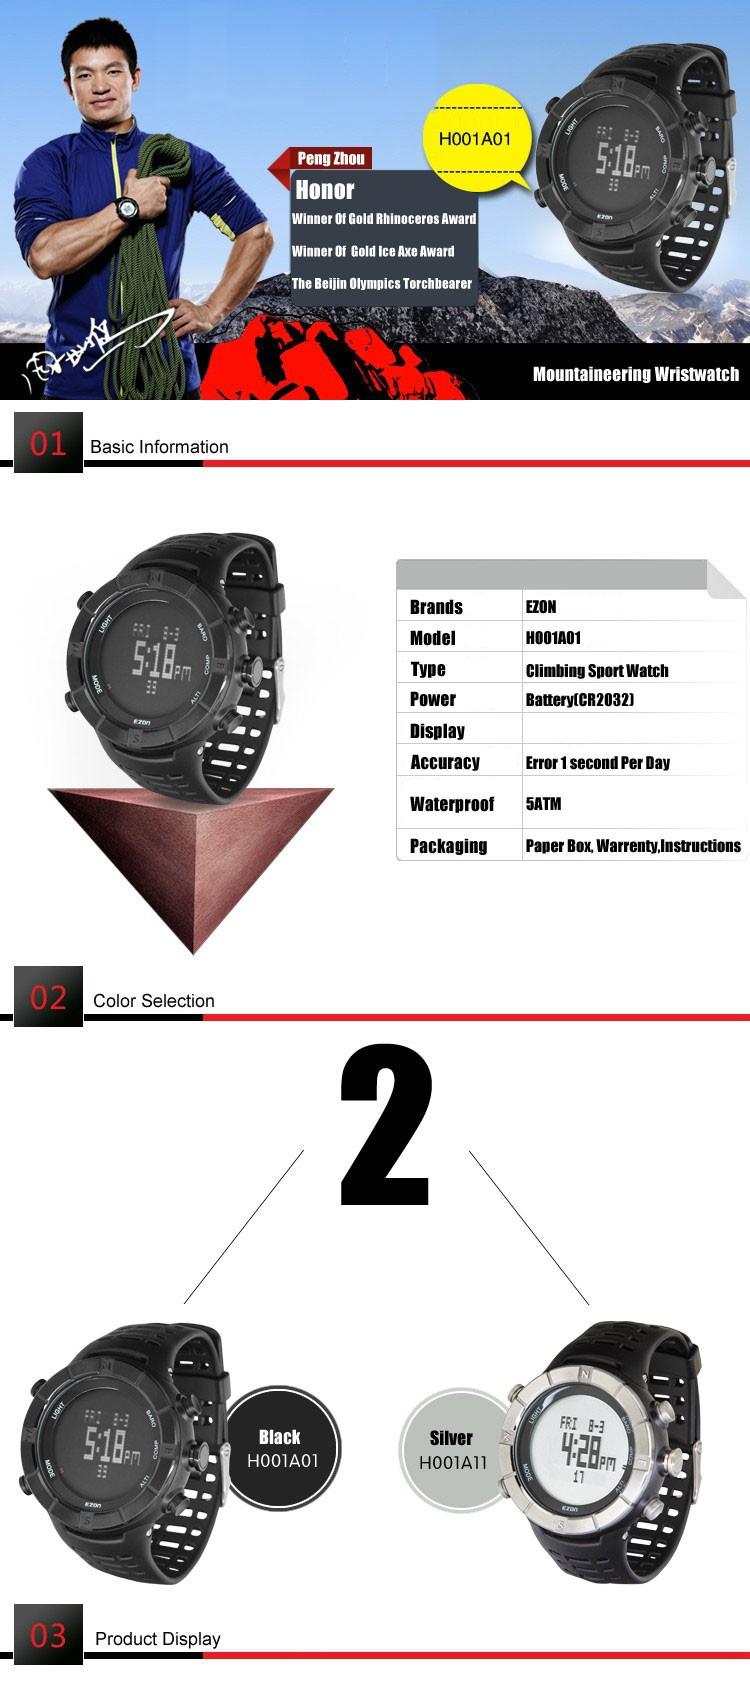 Ezon часы H001A01 мужские спортивные восхождение смарт многофункциональный цифровые часы